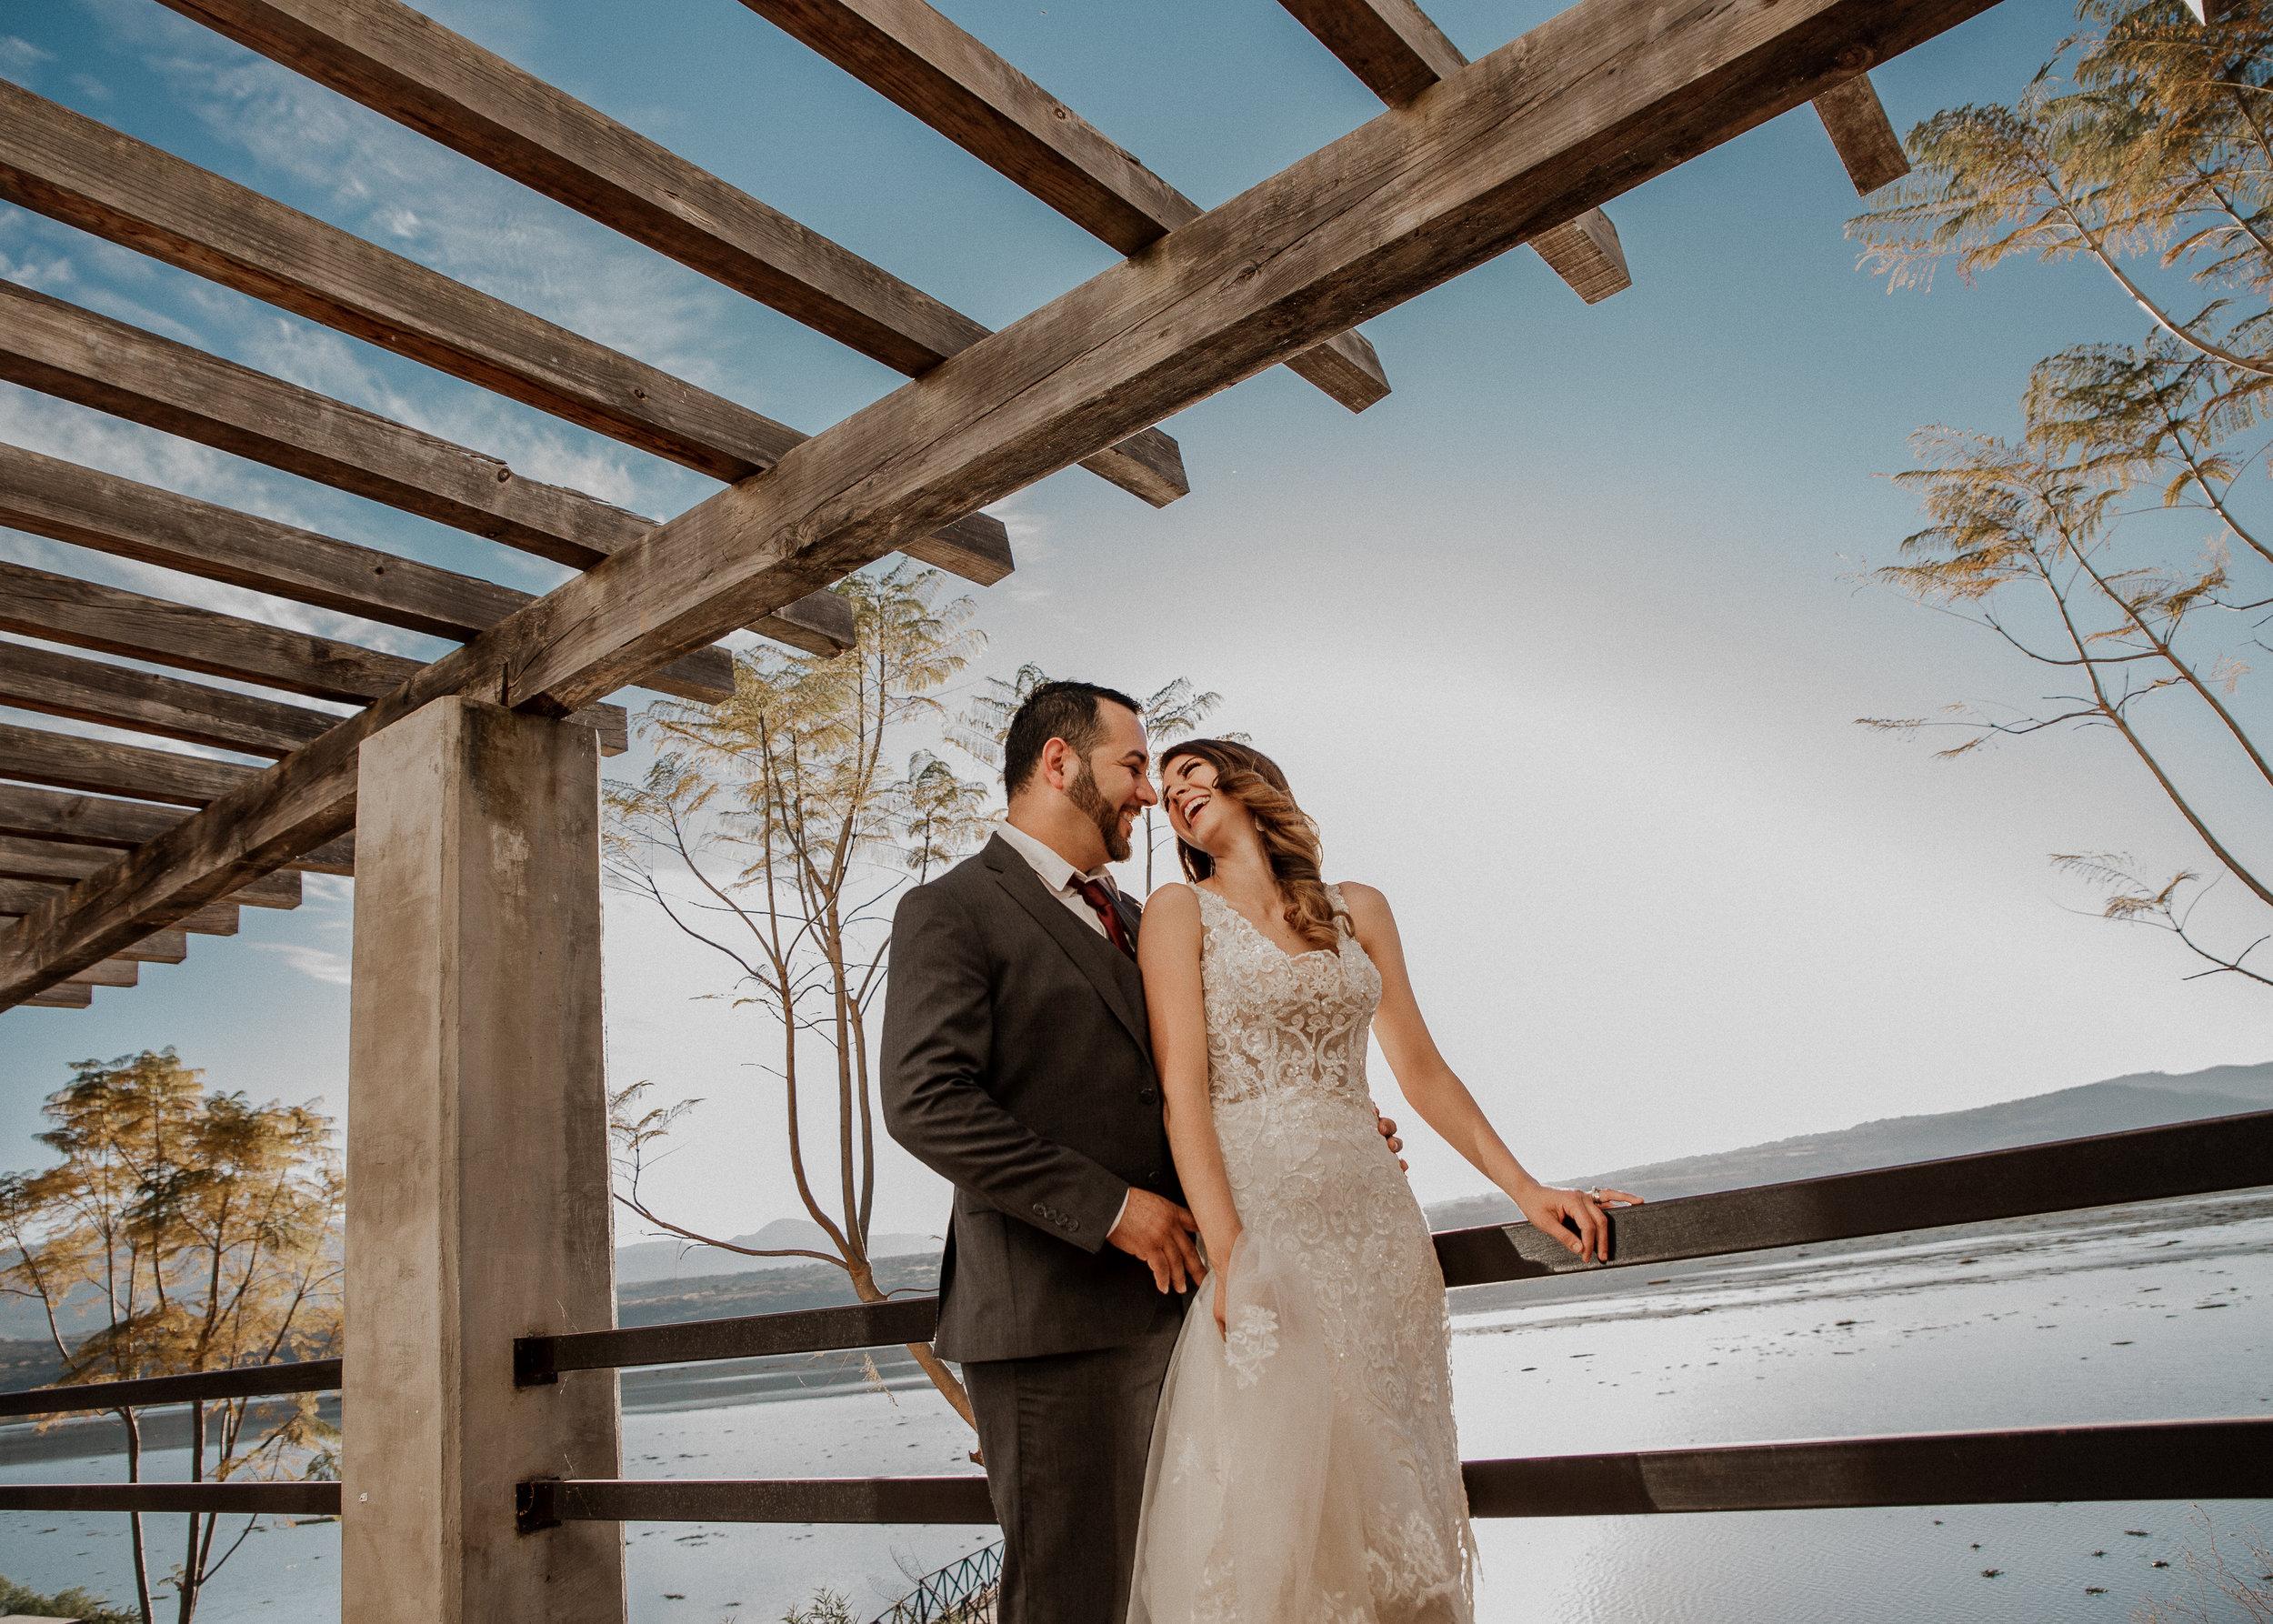 Fotografo-de-bodas-destino-Mexico-wedding-destination-photographer-san-miguel-de-allende-guanajuato-queretaro-boho-bohemian-bohemio-chic-editorial-carotida-photographer-lago-michoacan